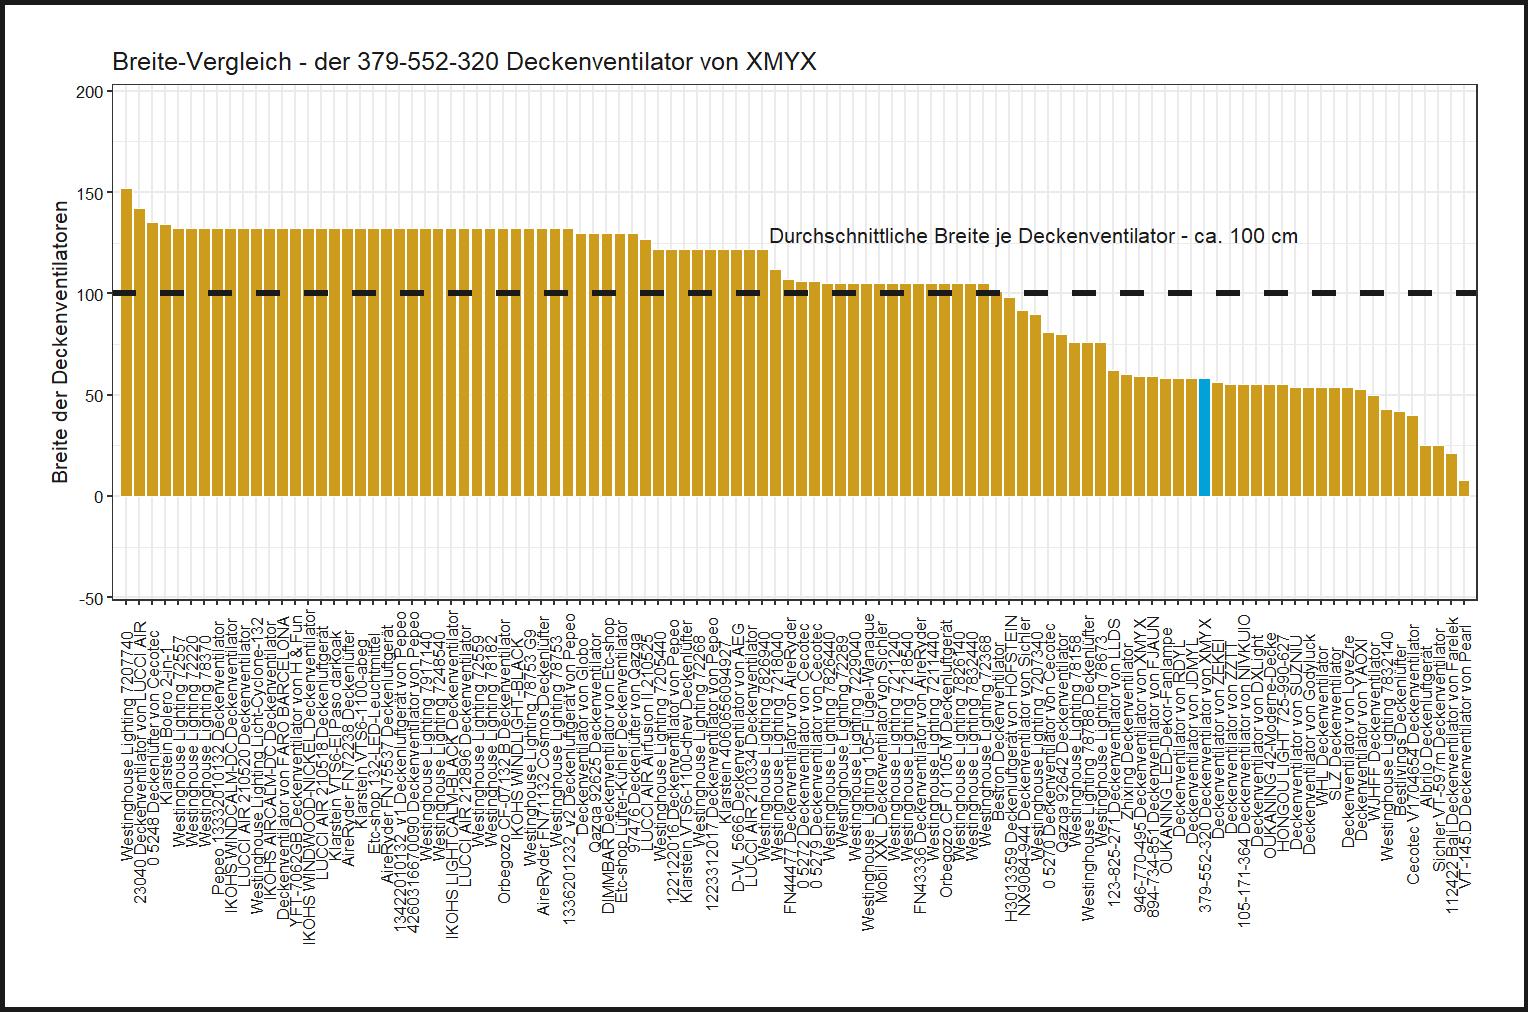 Breite-Vergleich von dem XMYX Deckenventilator 379-552-320